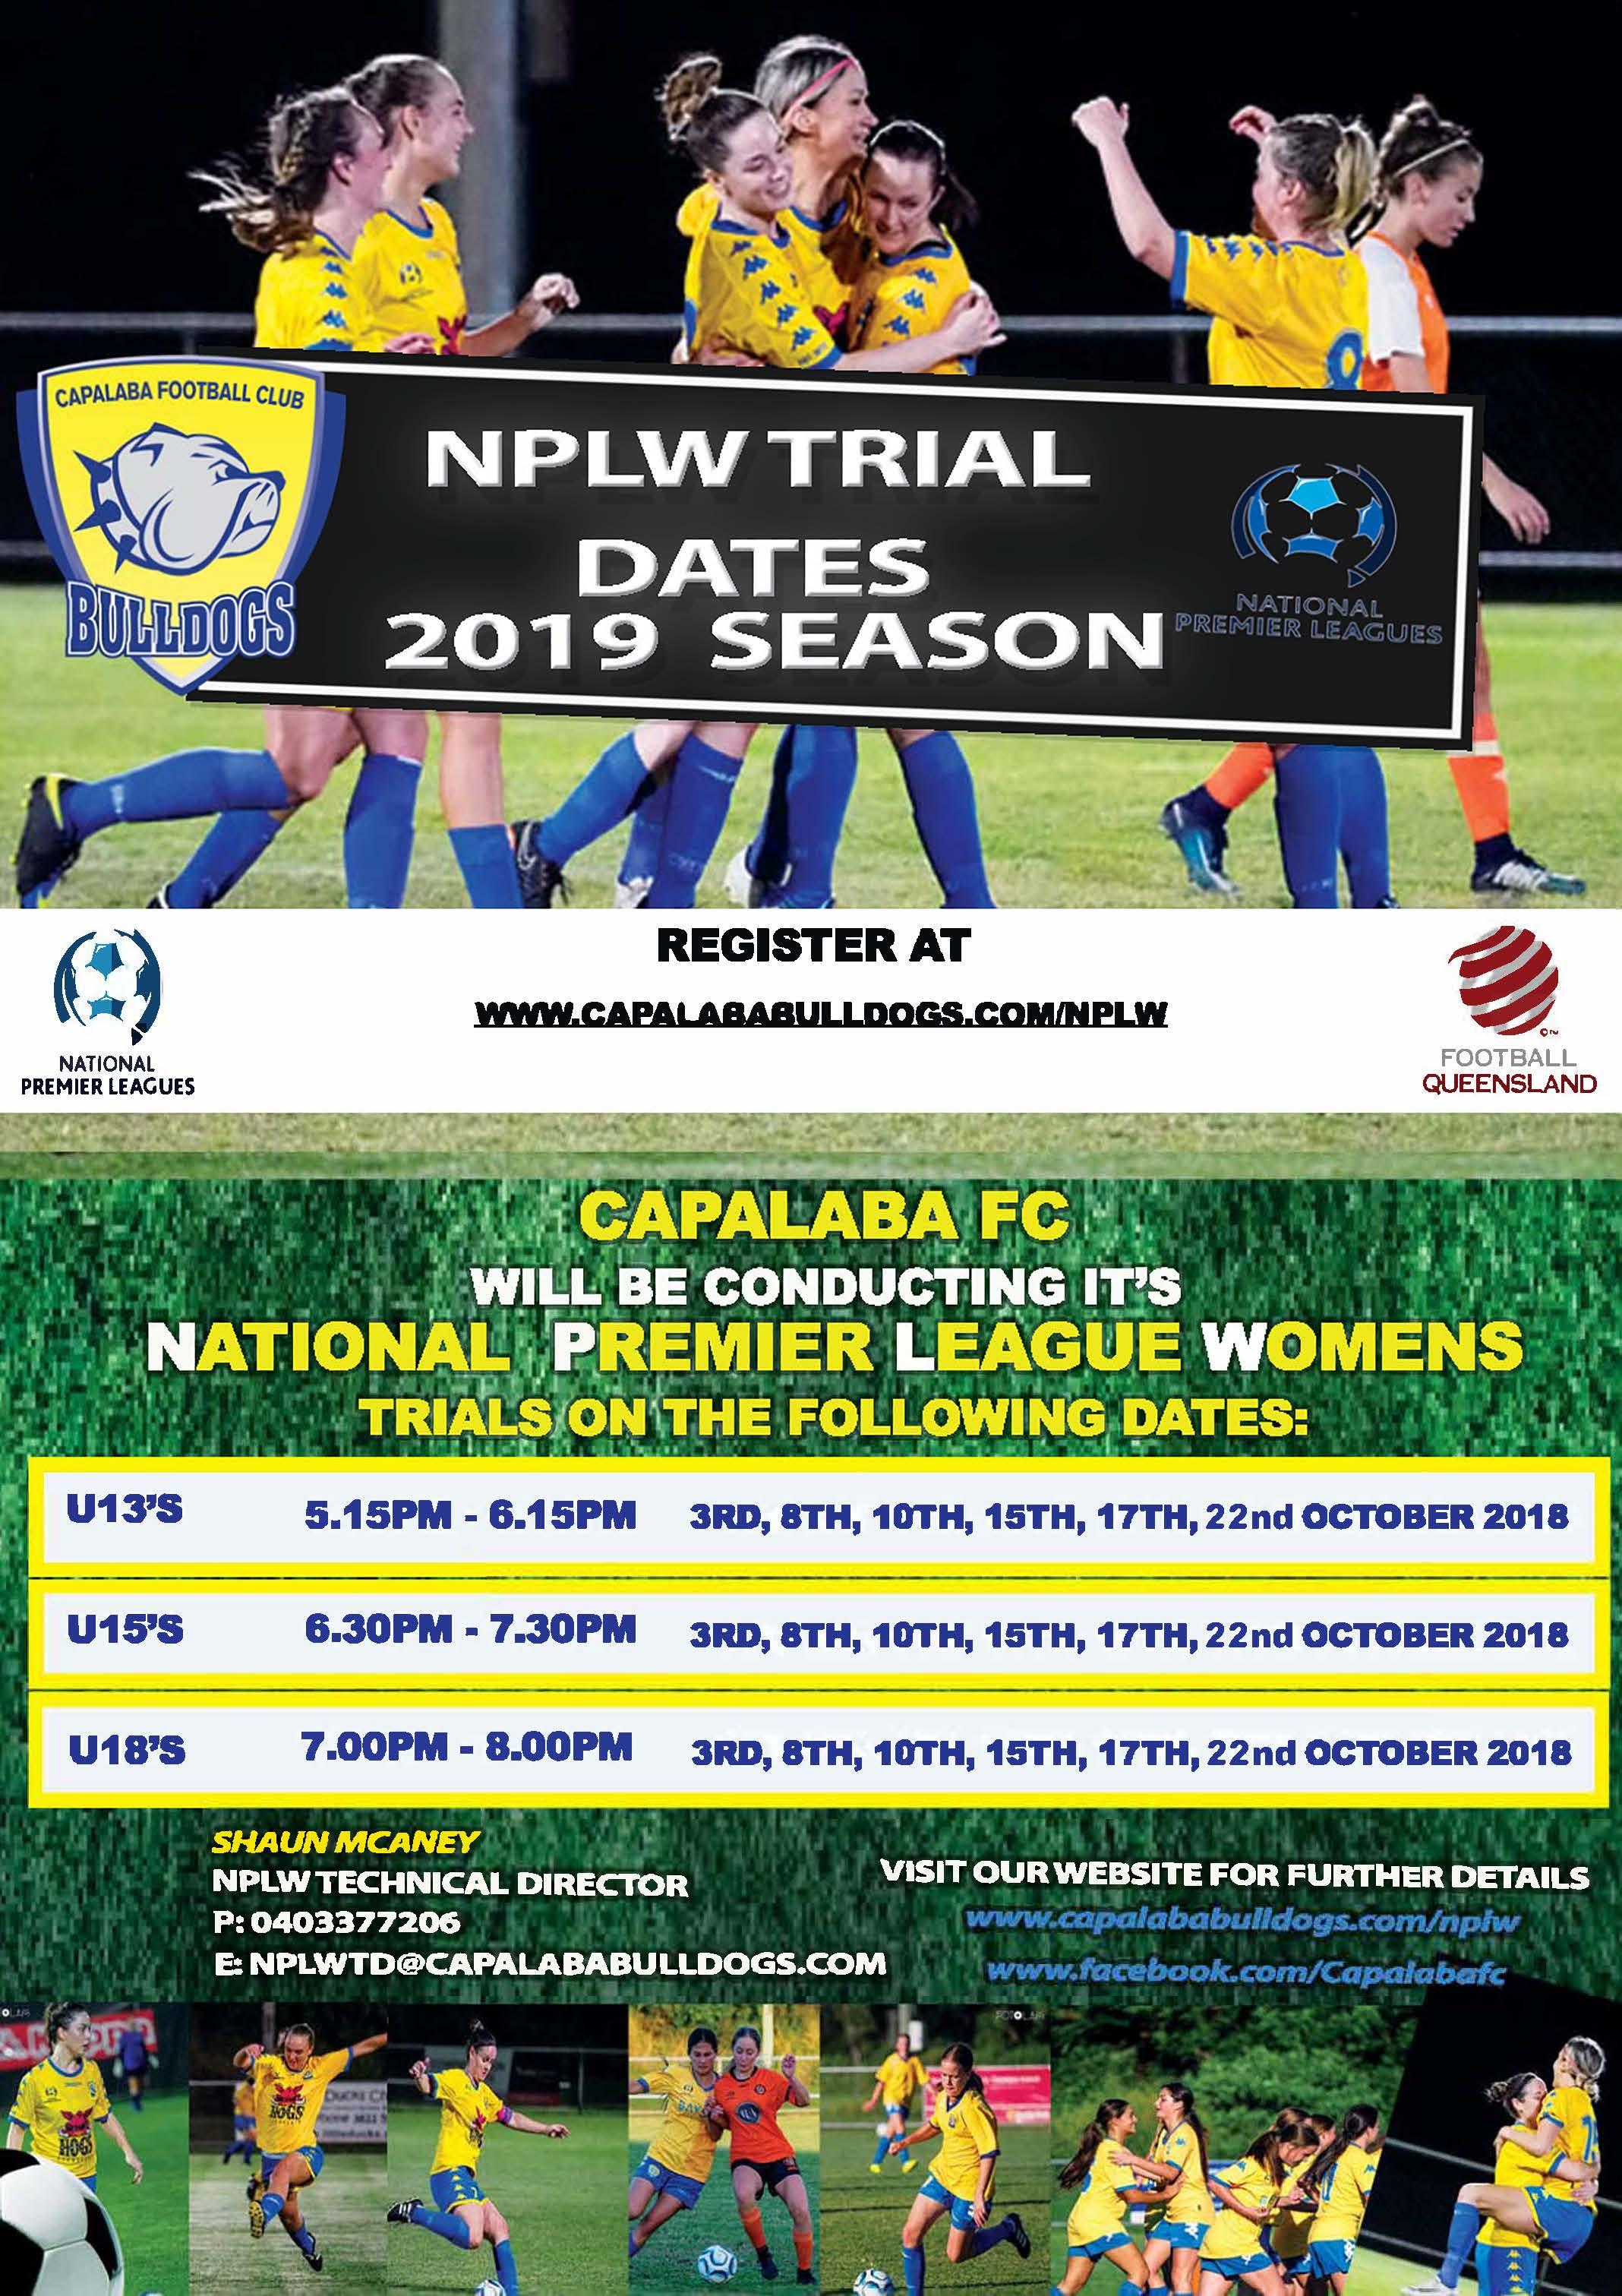 Capalaba FC NPLW Trial Dates 2019 Season Flyer 110918.jpg